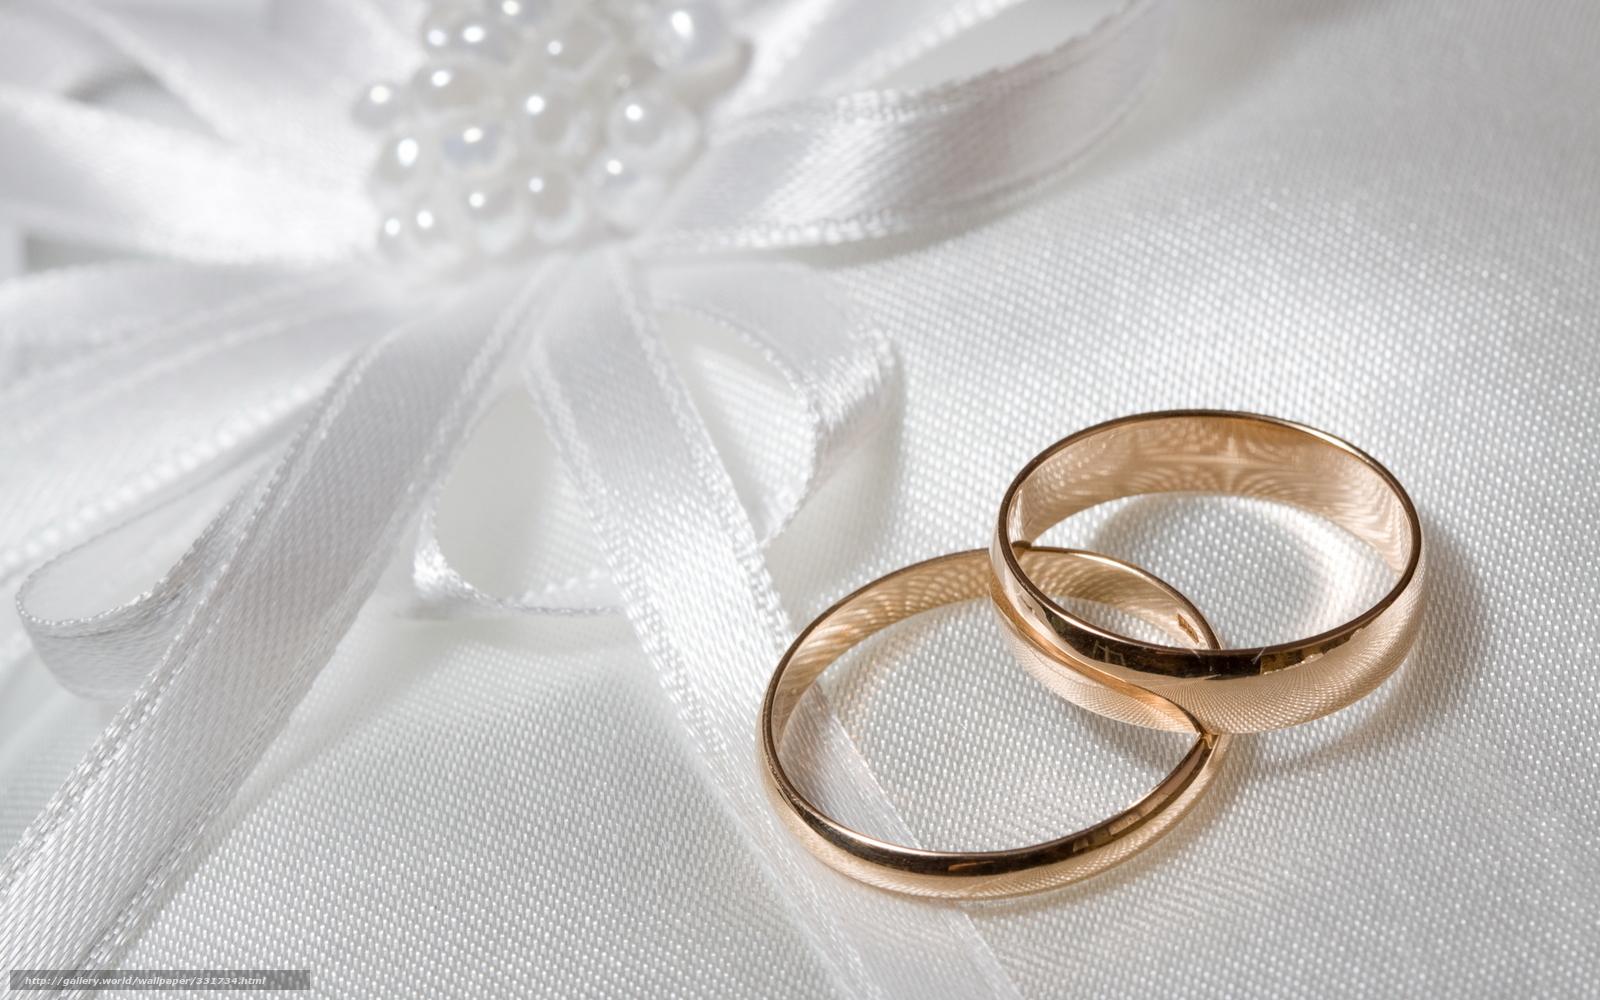 tlcharger fond d 39 ecran arc anneaux de mariage mariage blanc fonds d 39 ecran gratuits pour votre. Black Bedroom Furniture Sets. Home Design Ideas